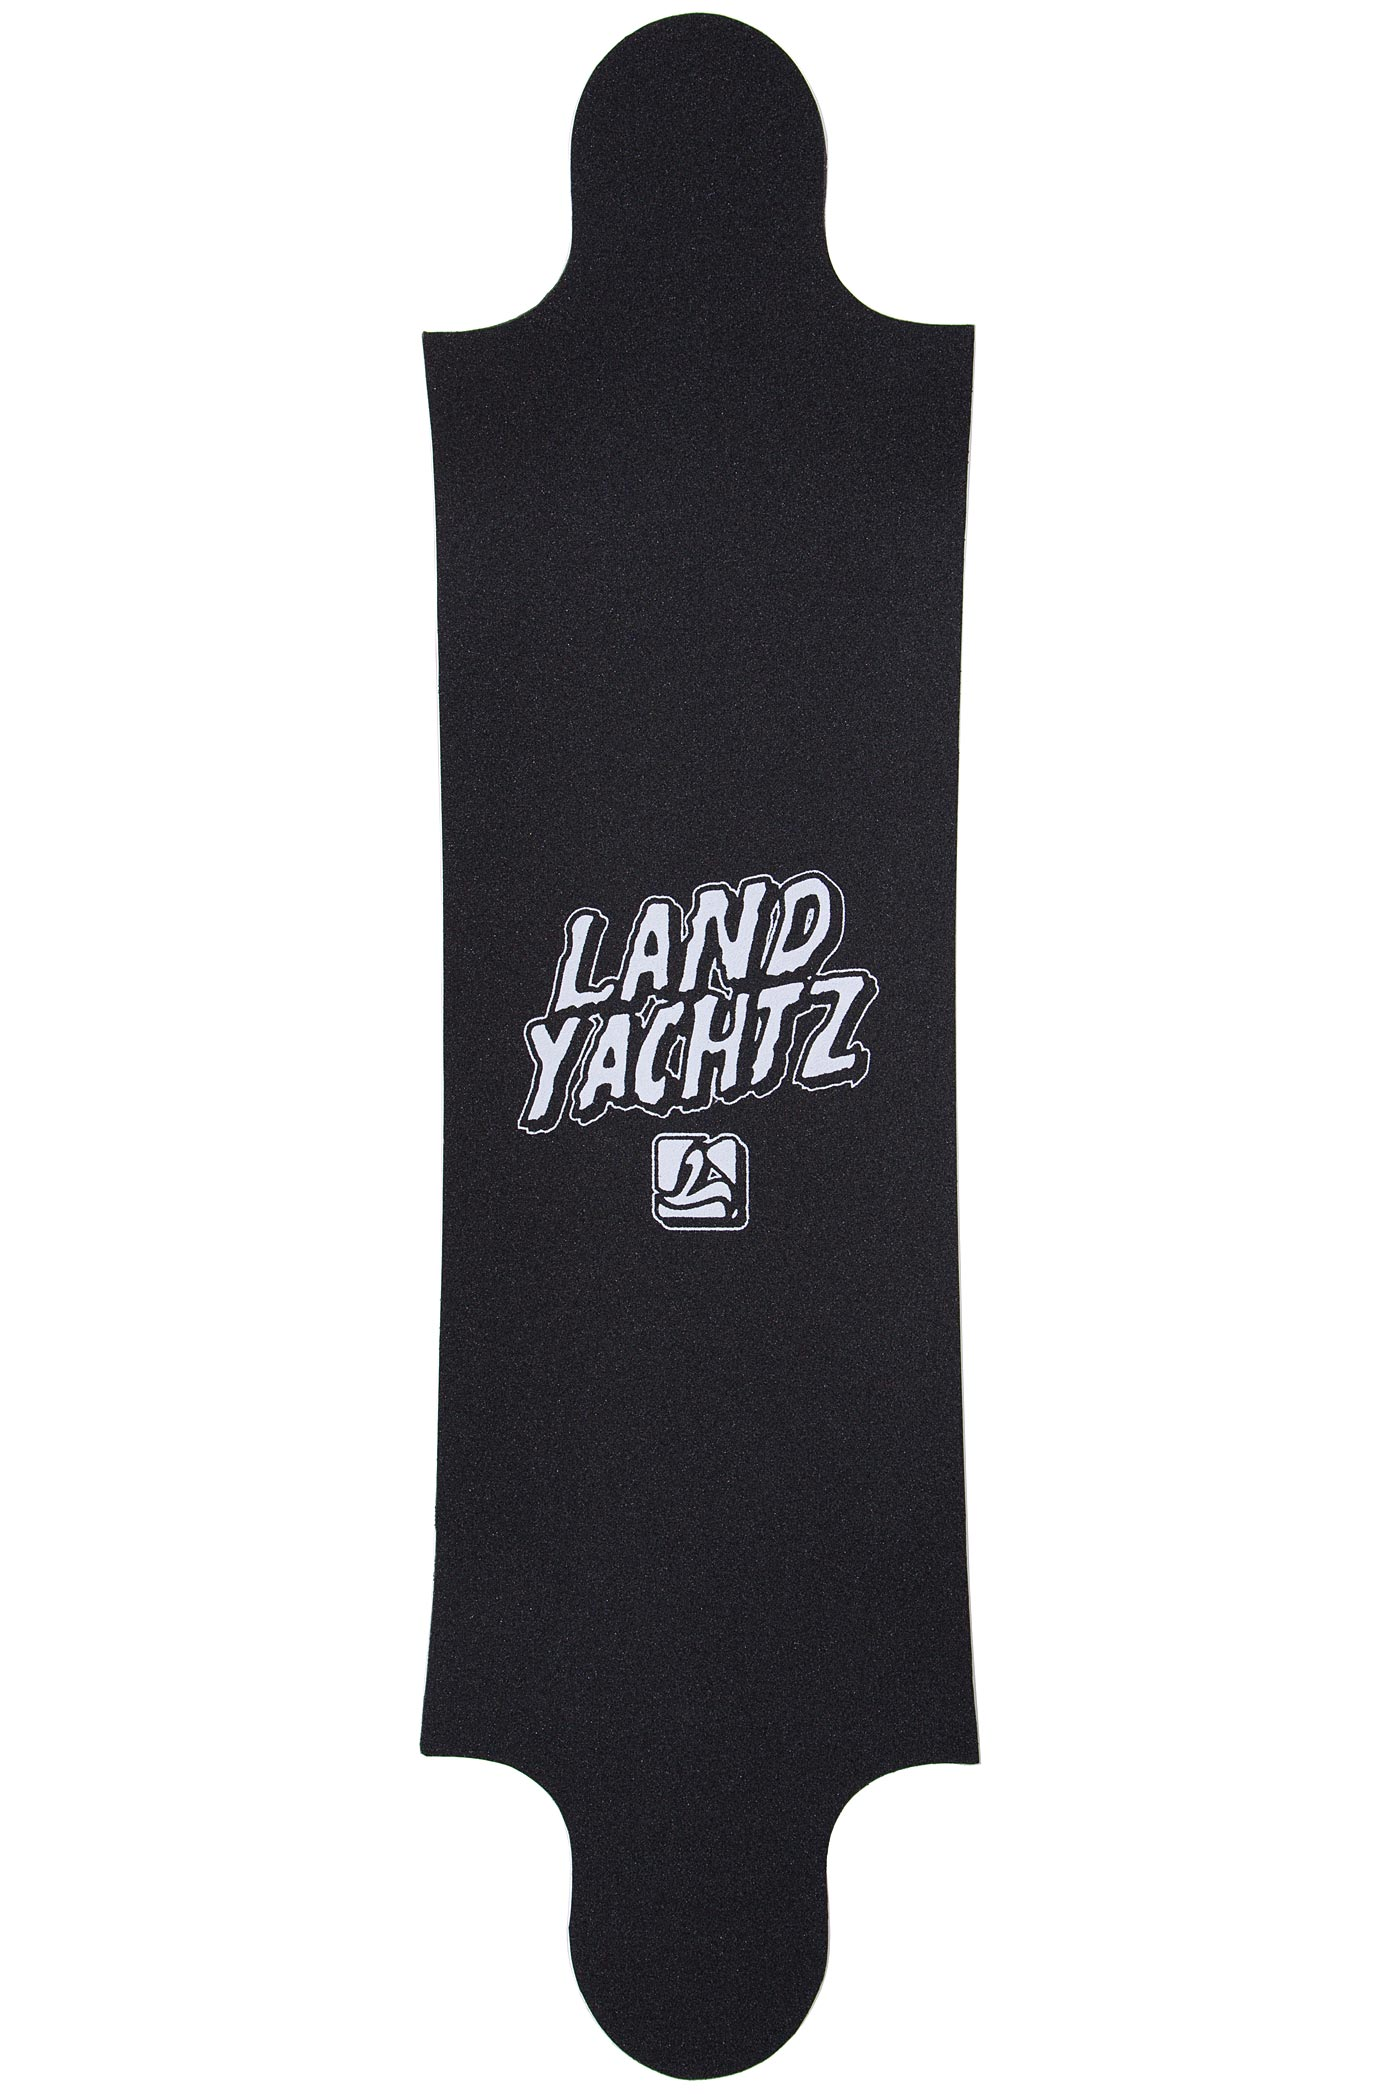 landyachtz time machine for sale